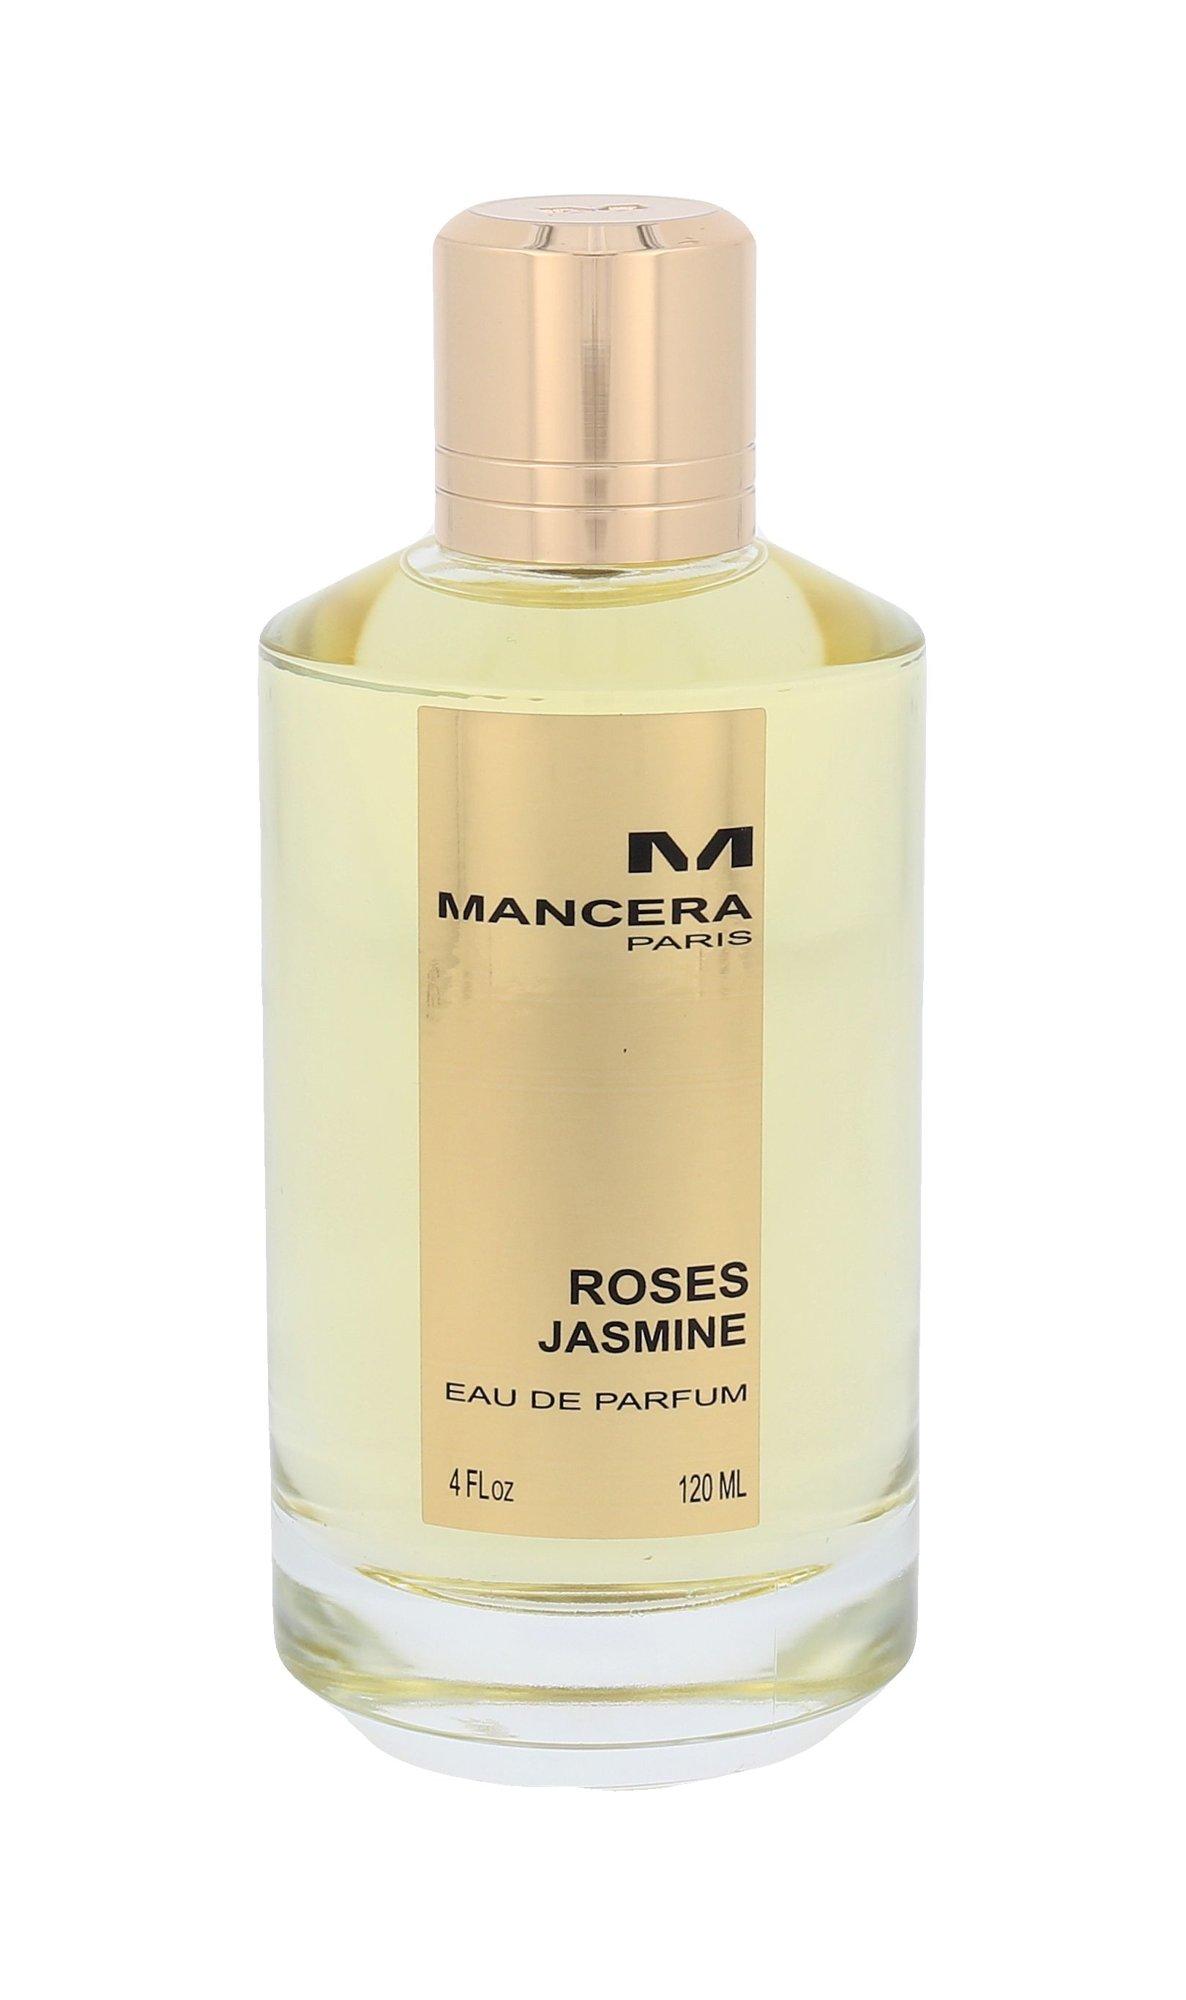 MANCERA Roses Jasmine EDP 120ml